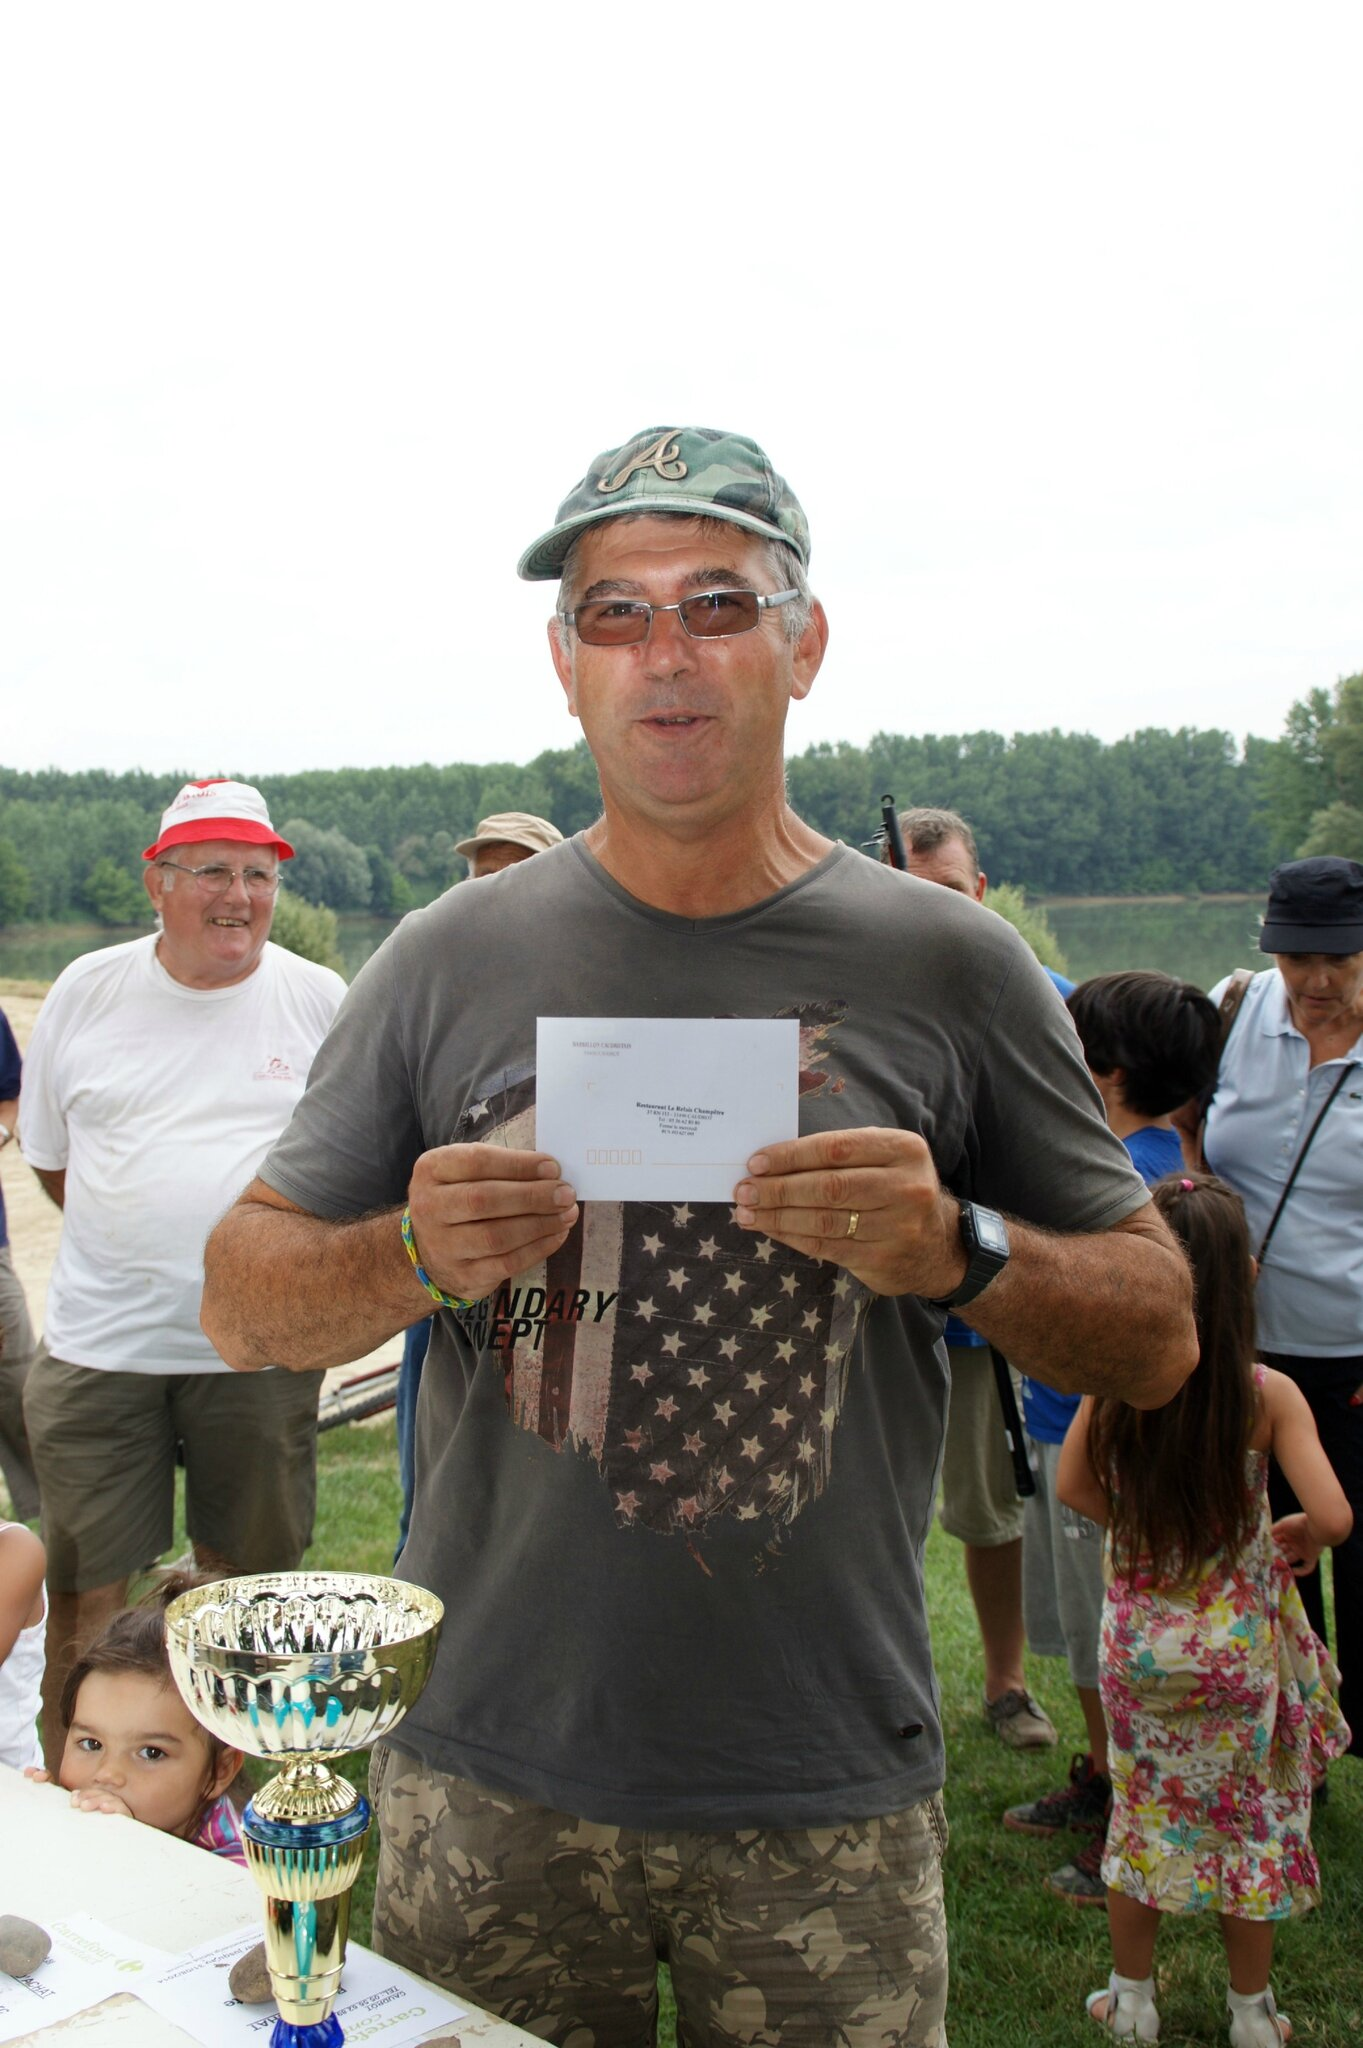 Concours de pêche 19 juillet 2014 (37)